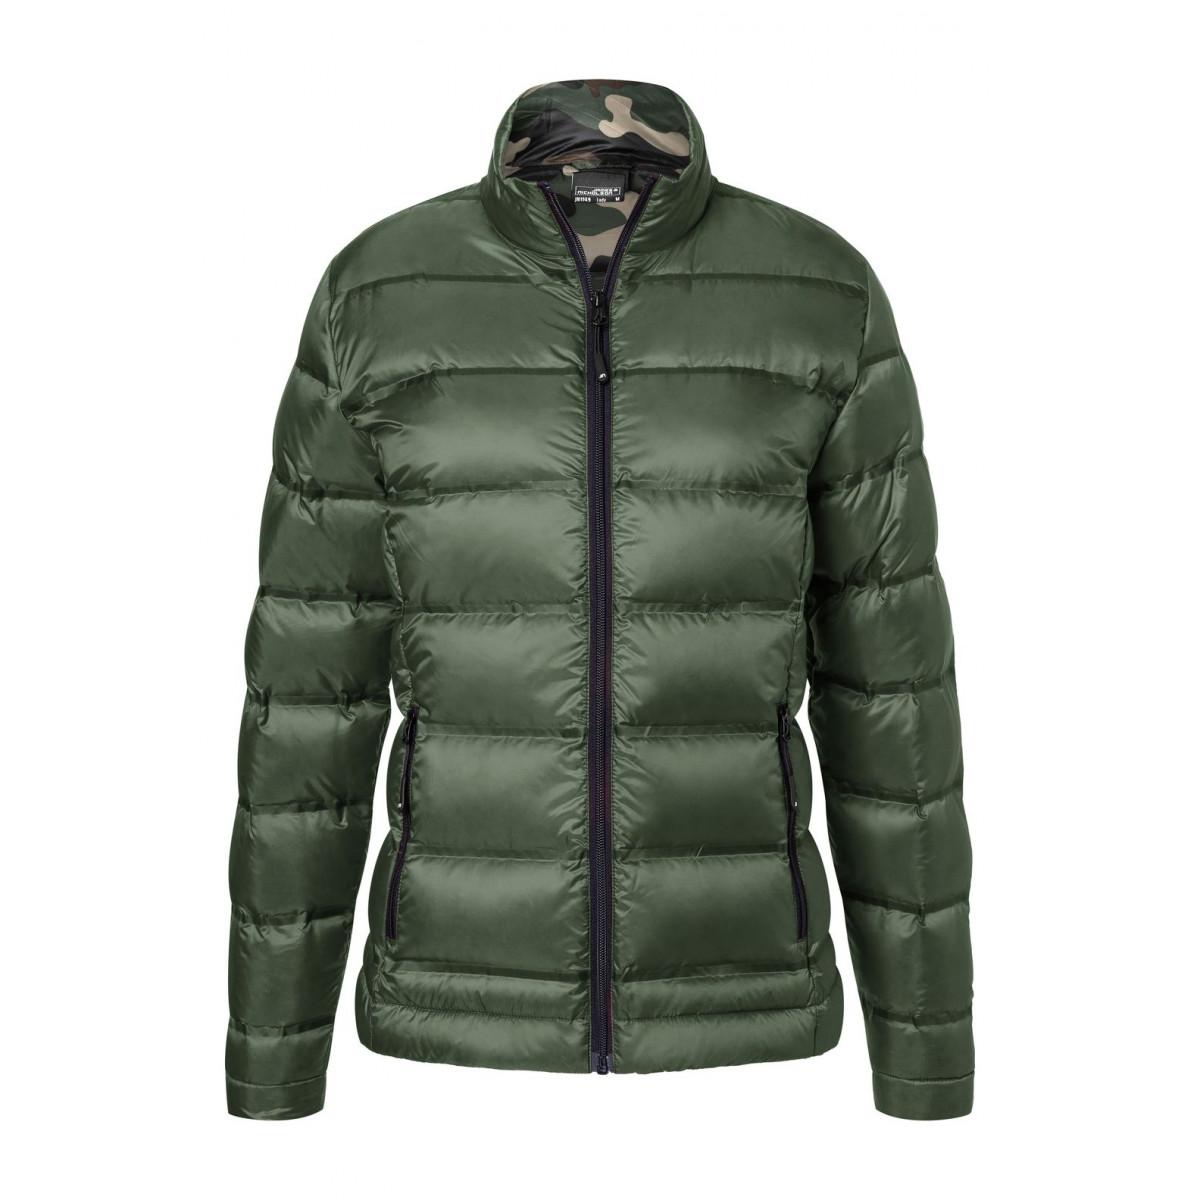 Куртка женская JN1149 Ladies Down Jacket - Оливковый/Камуфляж